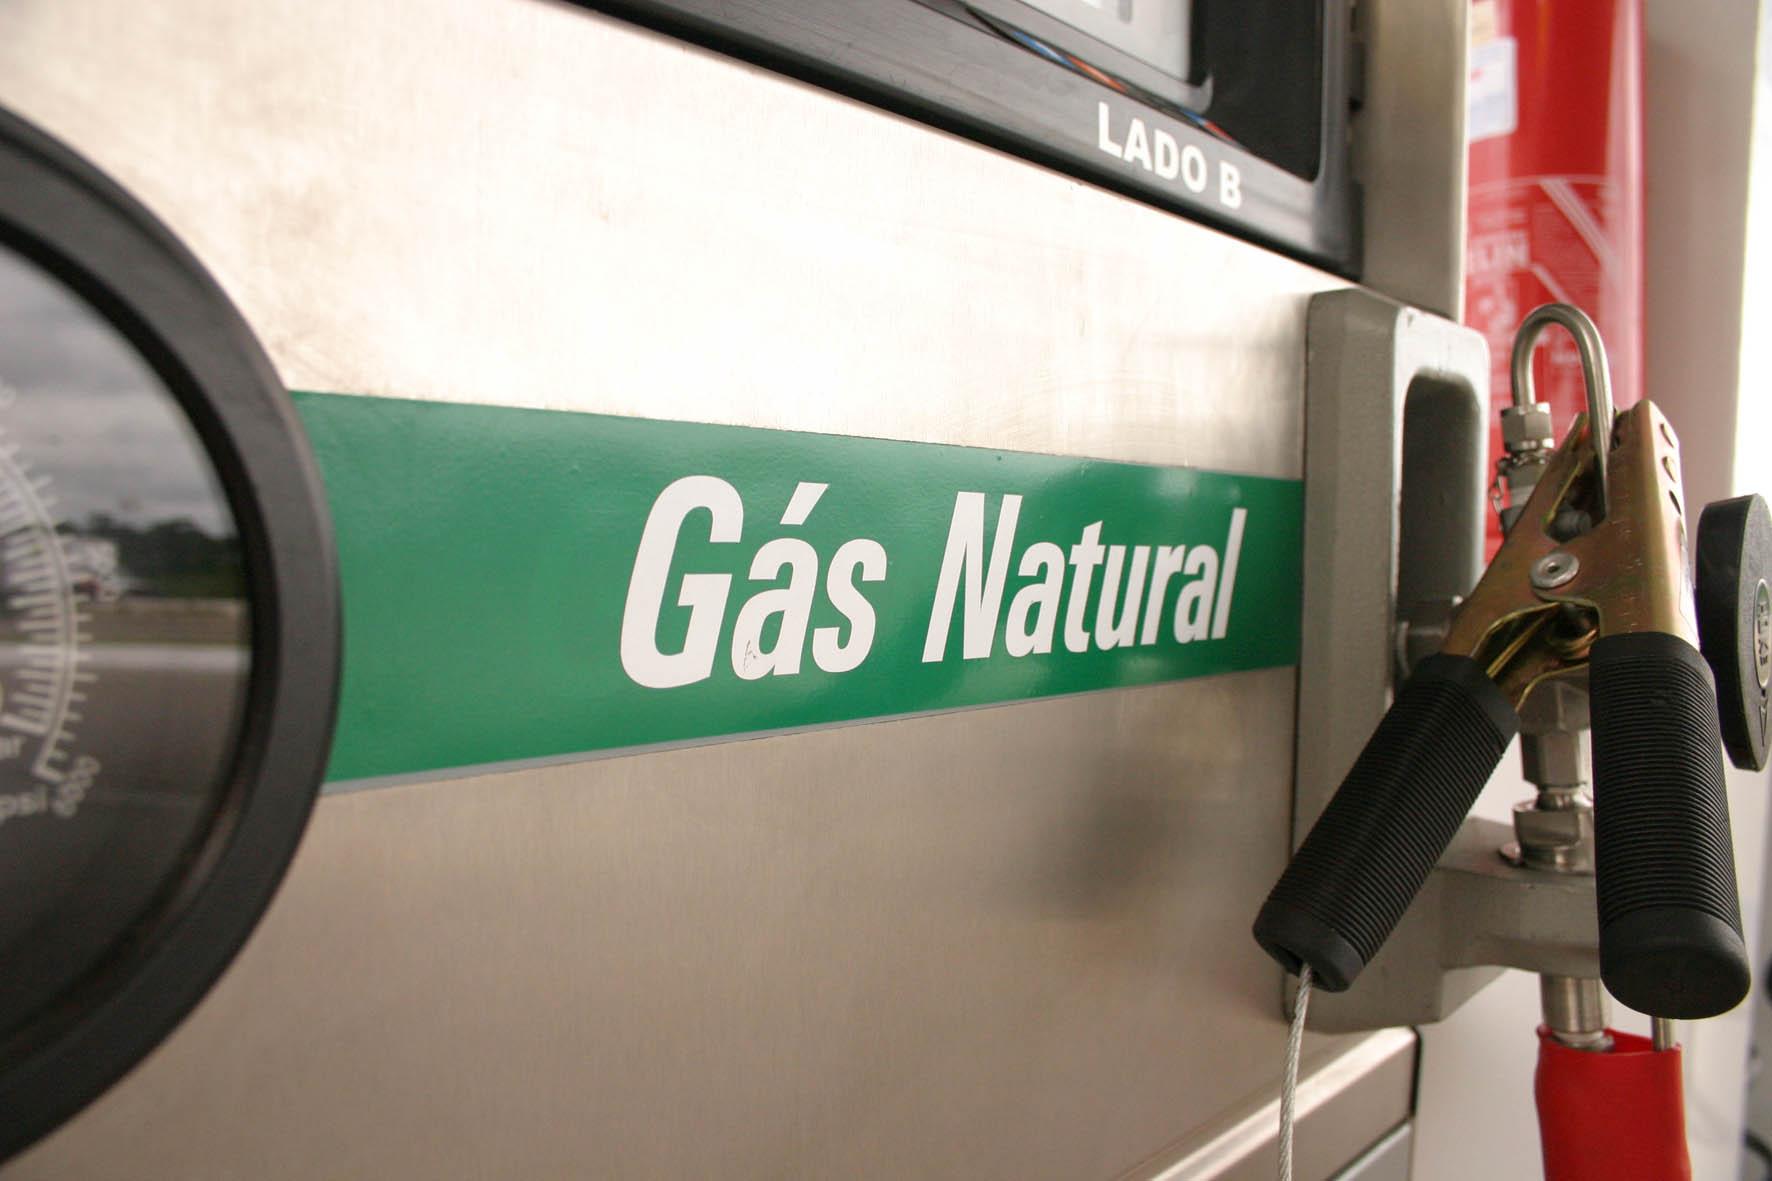 Gás Natural Veicular (GNV) é econômico e seguro, dizem especialistas